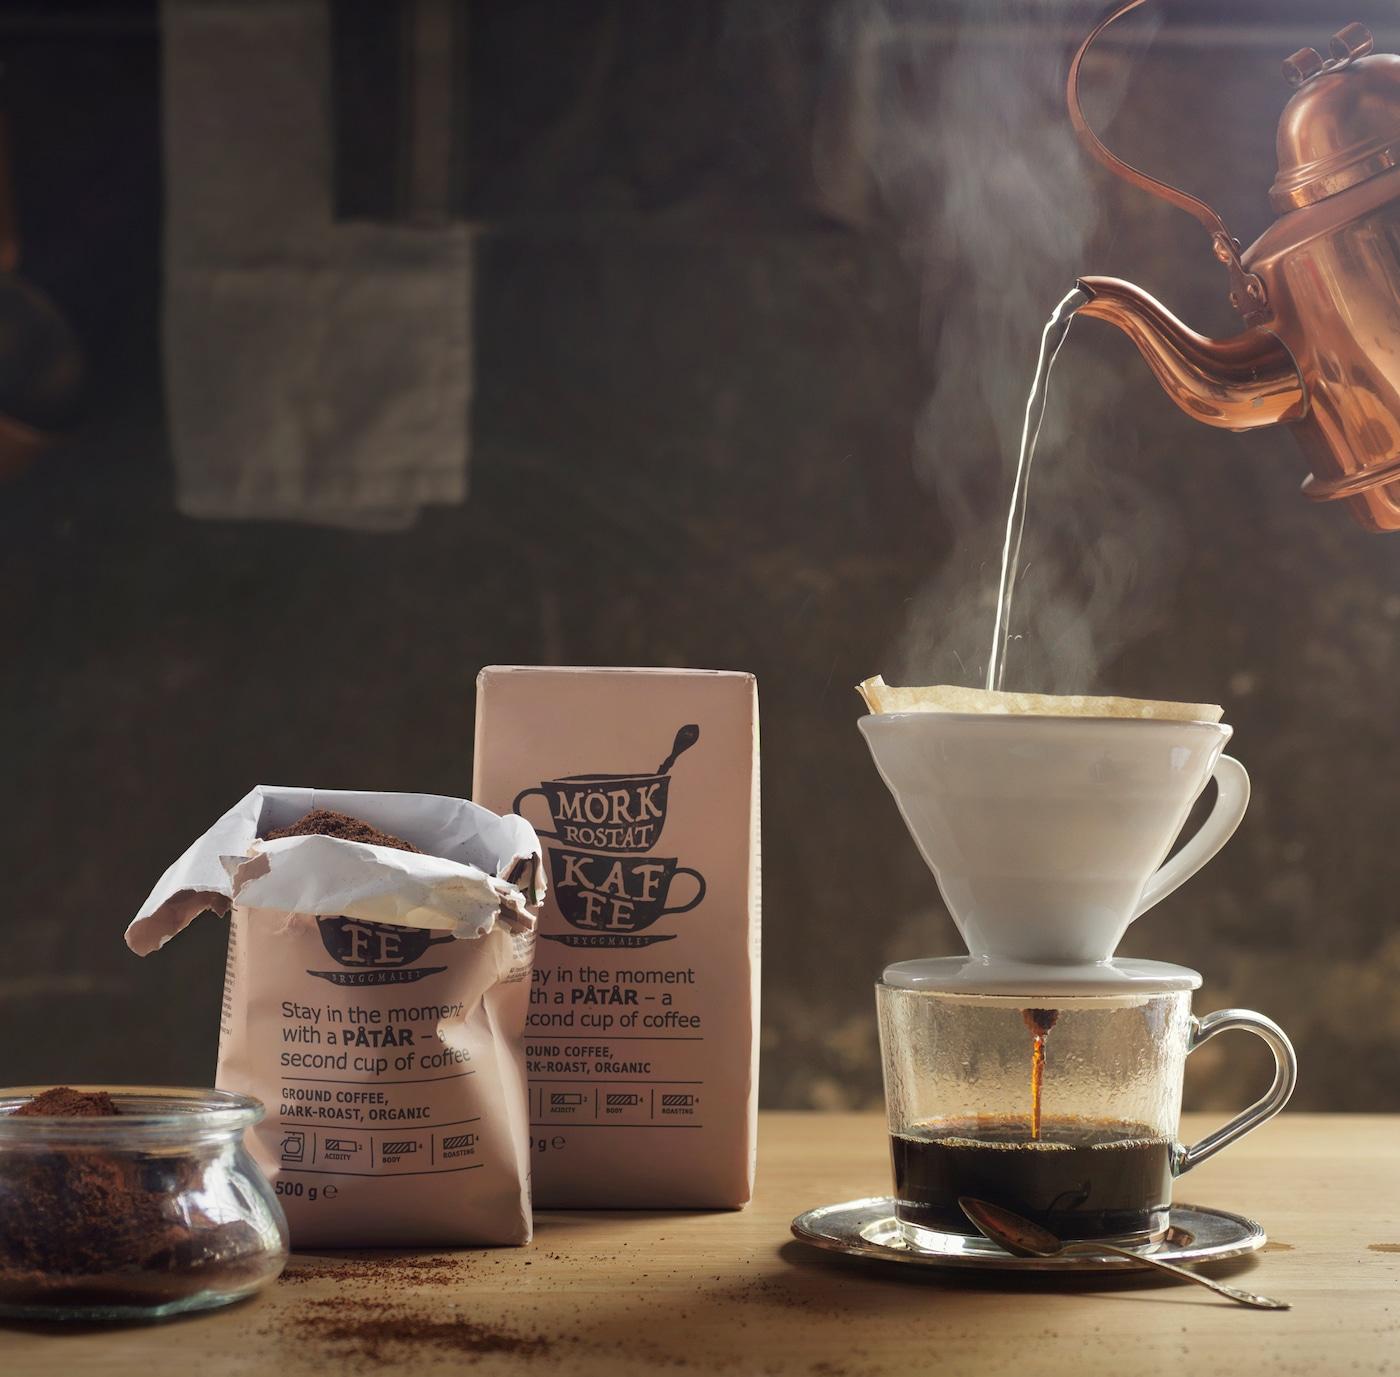 Verschiedene Packungen PÅTÅR Kaffee, daneben eine frisch aufgebrühte Tasse Kaffee